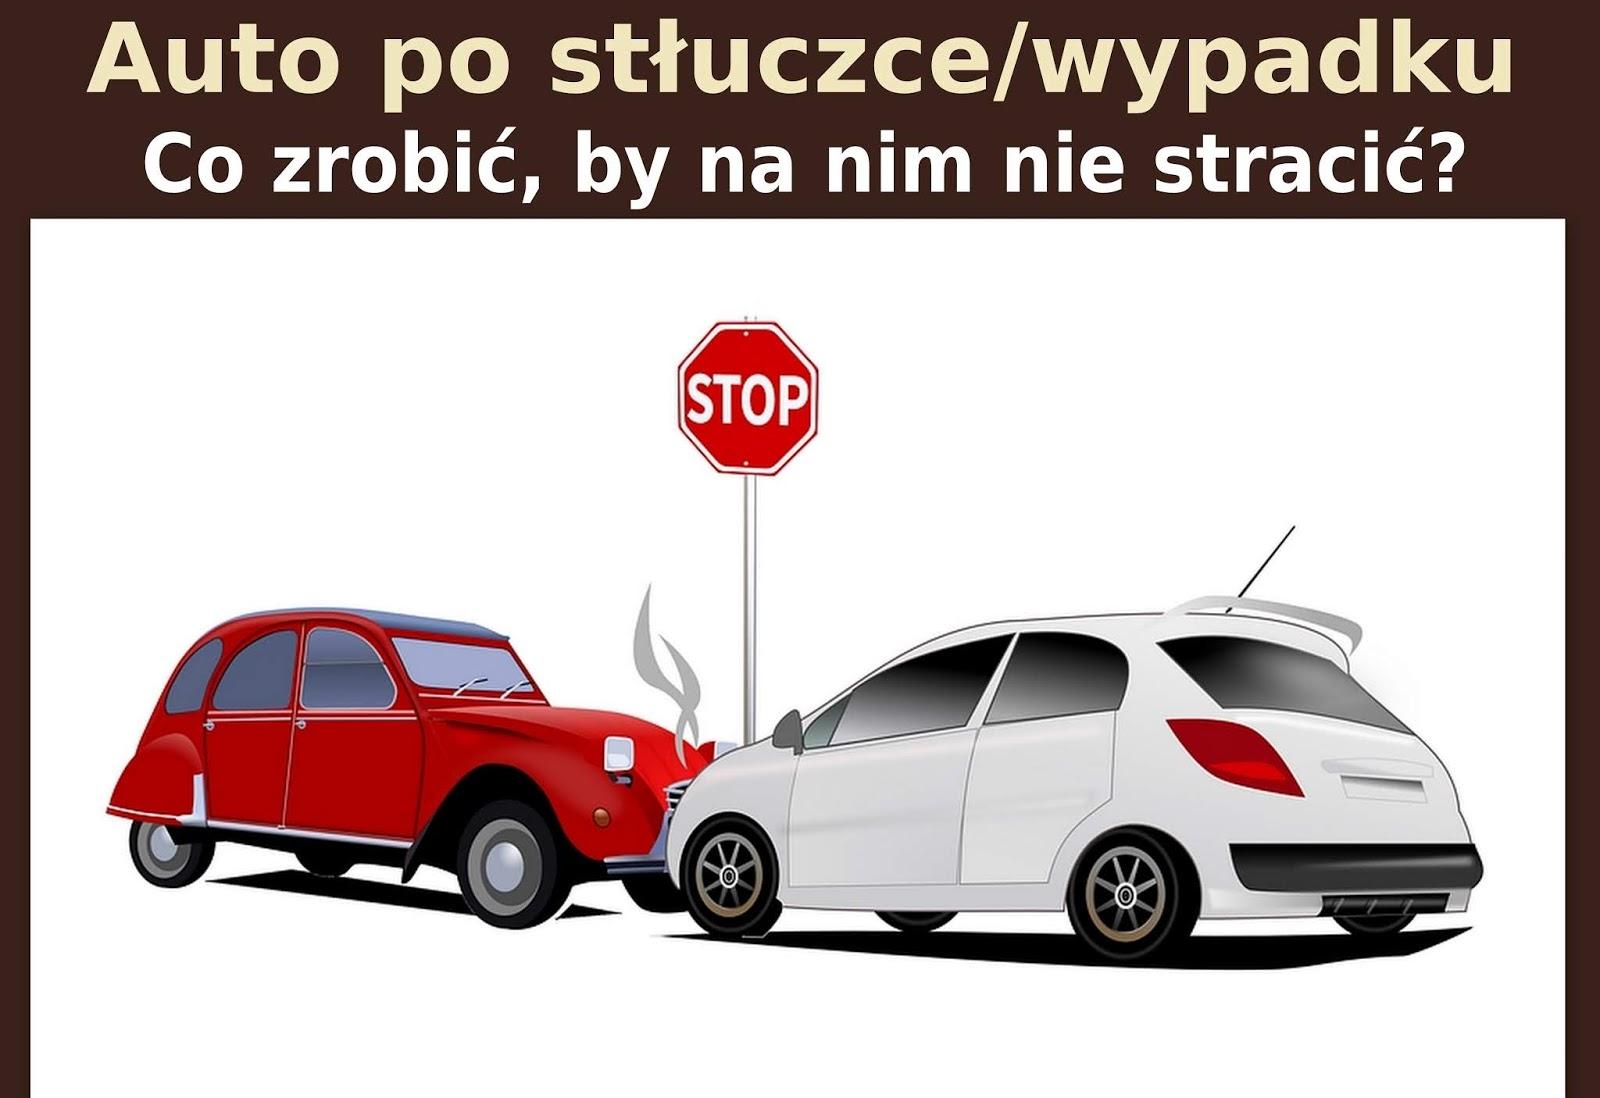 Auto po stłuczce/wypadku - Co zrobić, by na nim nie stracić?